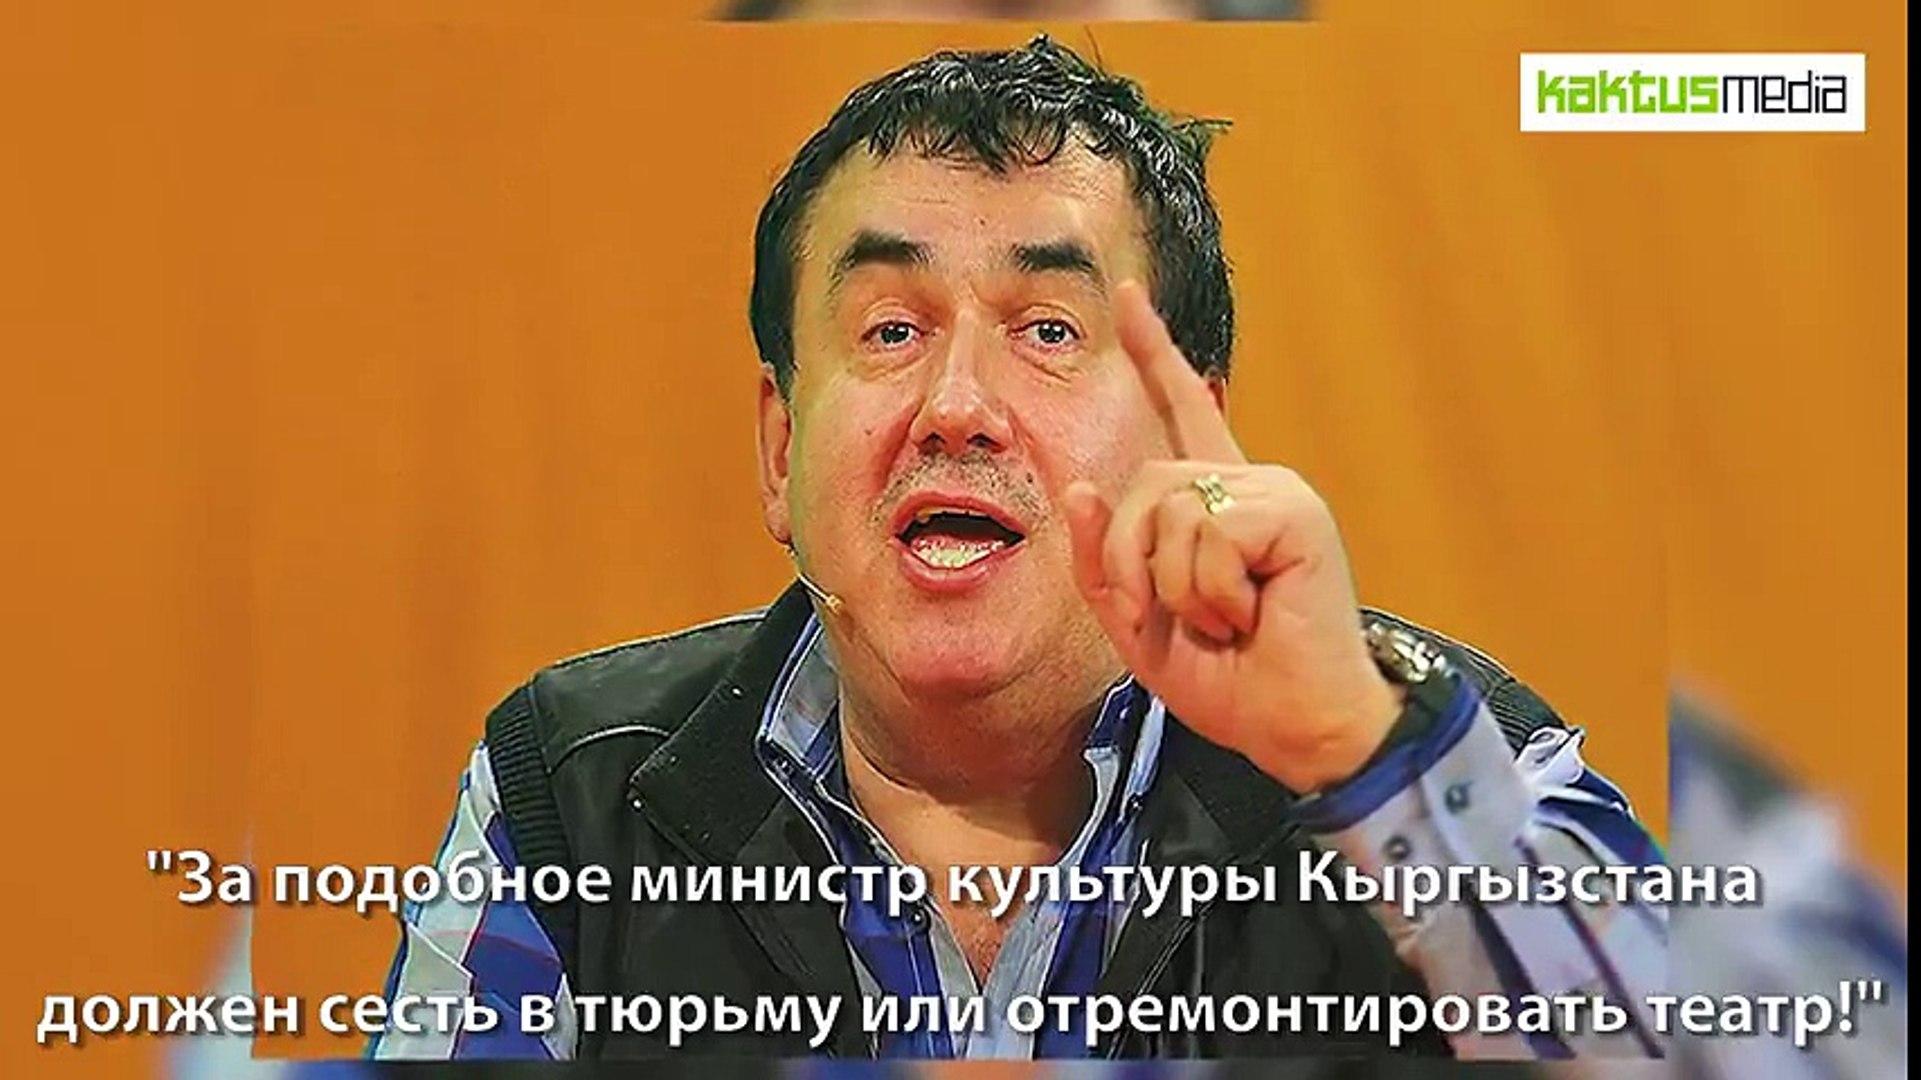 То, что здание драмтеатра в Кыргызстане в плачевном состоянии, ни для кого не секрет :( А в каком состоянии другие учреждения культуры? Давайте посмотрим: